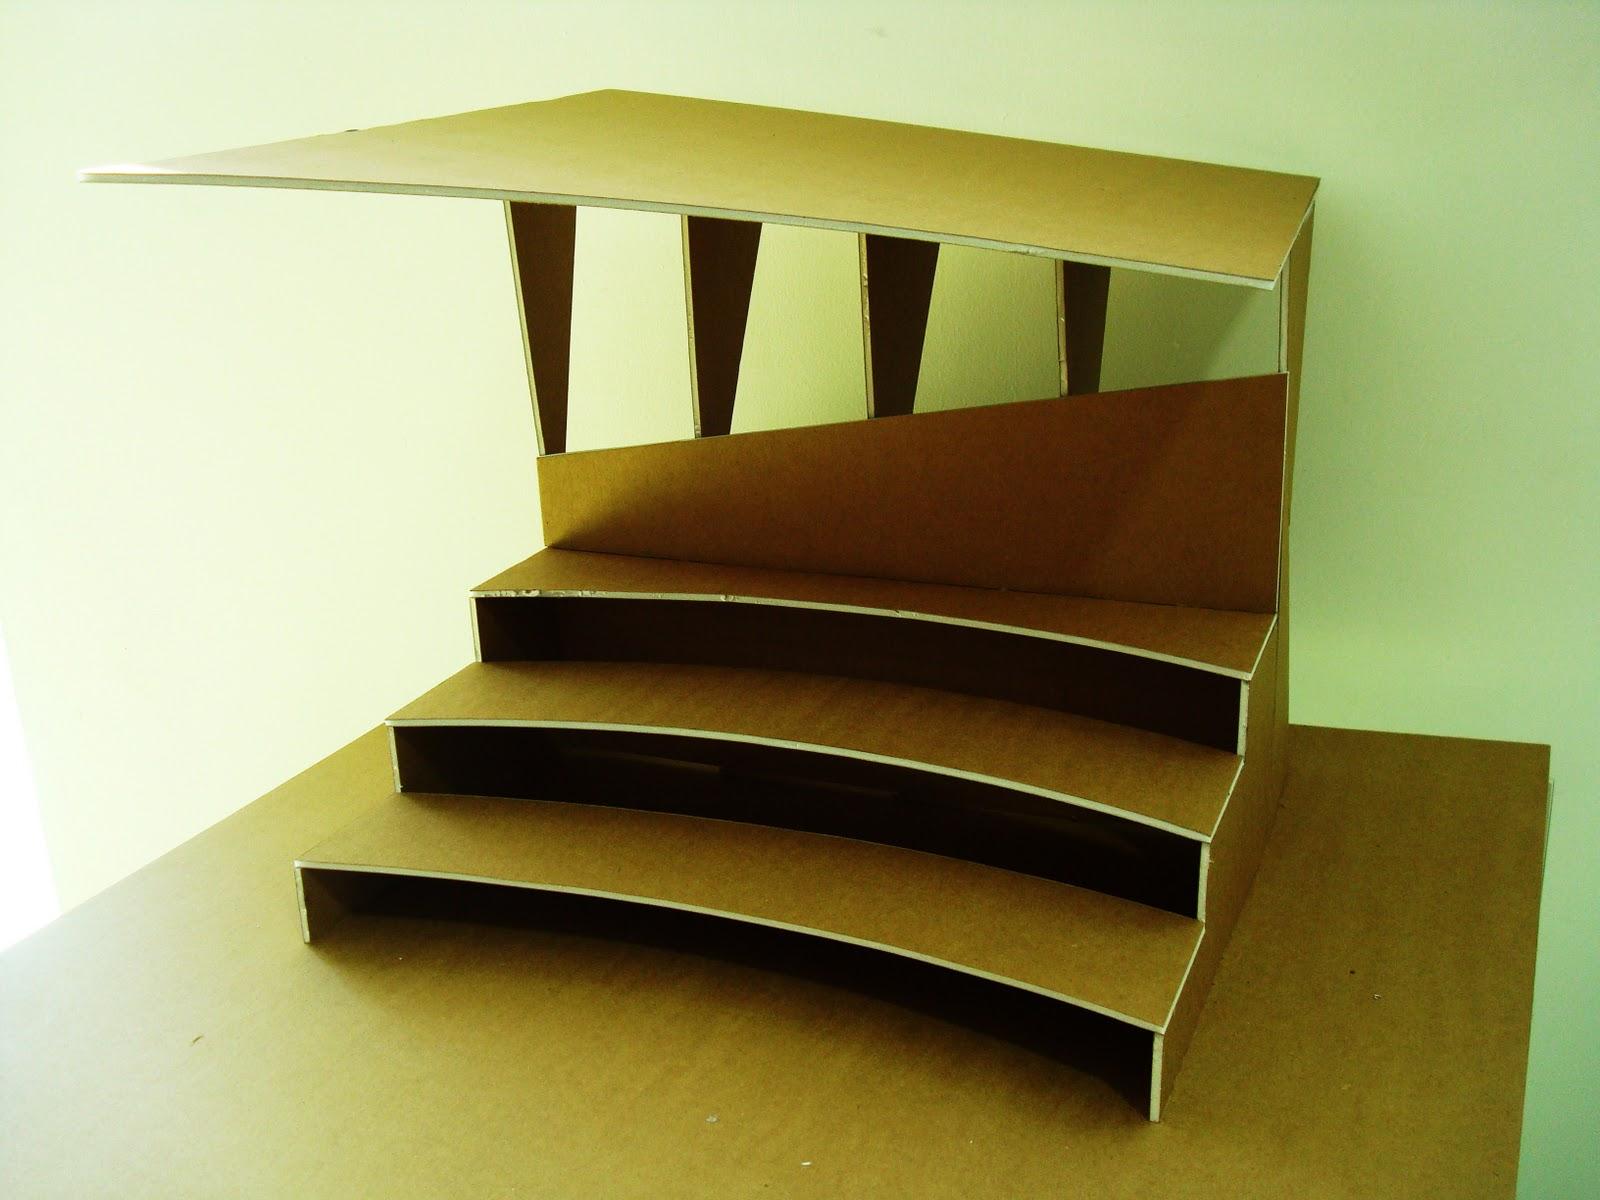 Portafolio arquitectura fundamentos del dise o i for Como hacer gradas